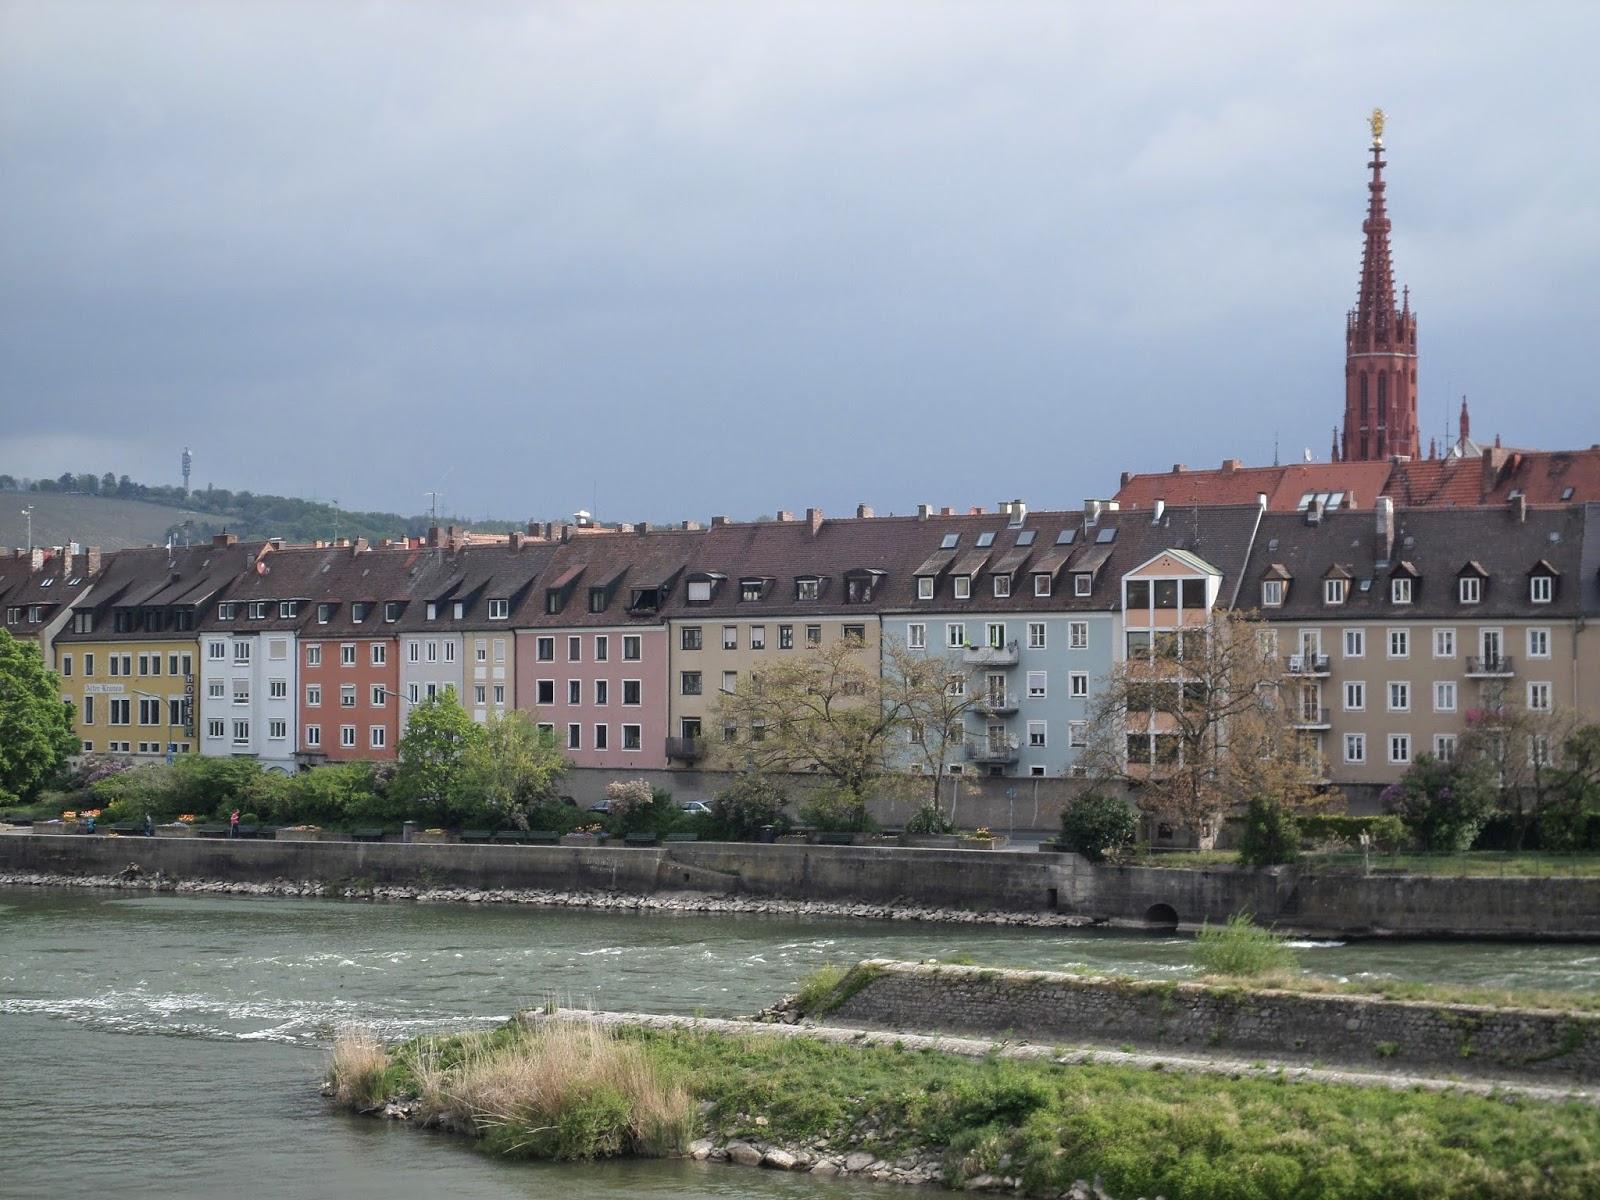 Ziemlich Firstclass Hotel Bad Windsheim Bilder - Wohnzimmer ...